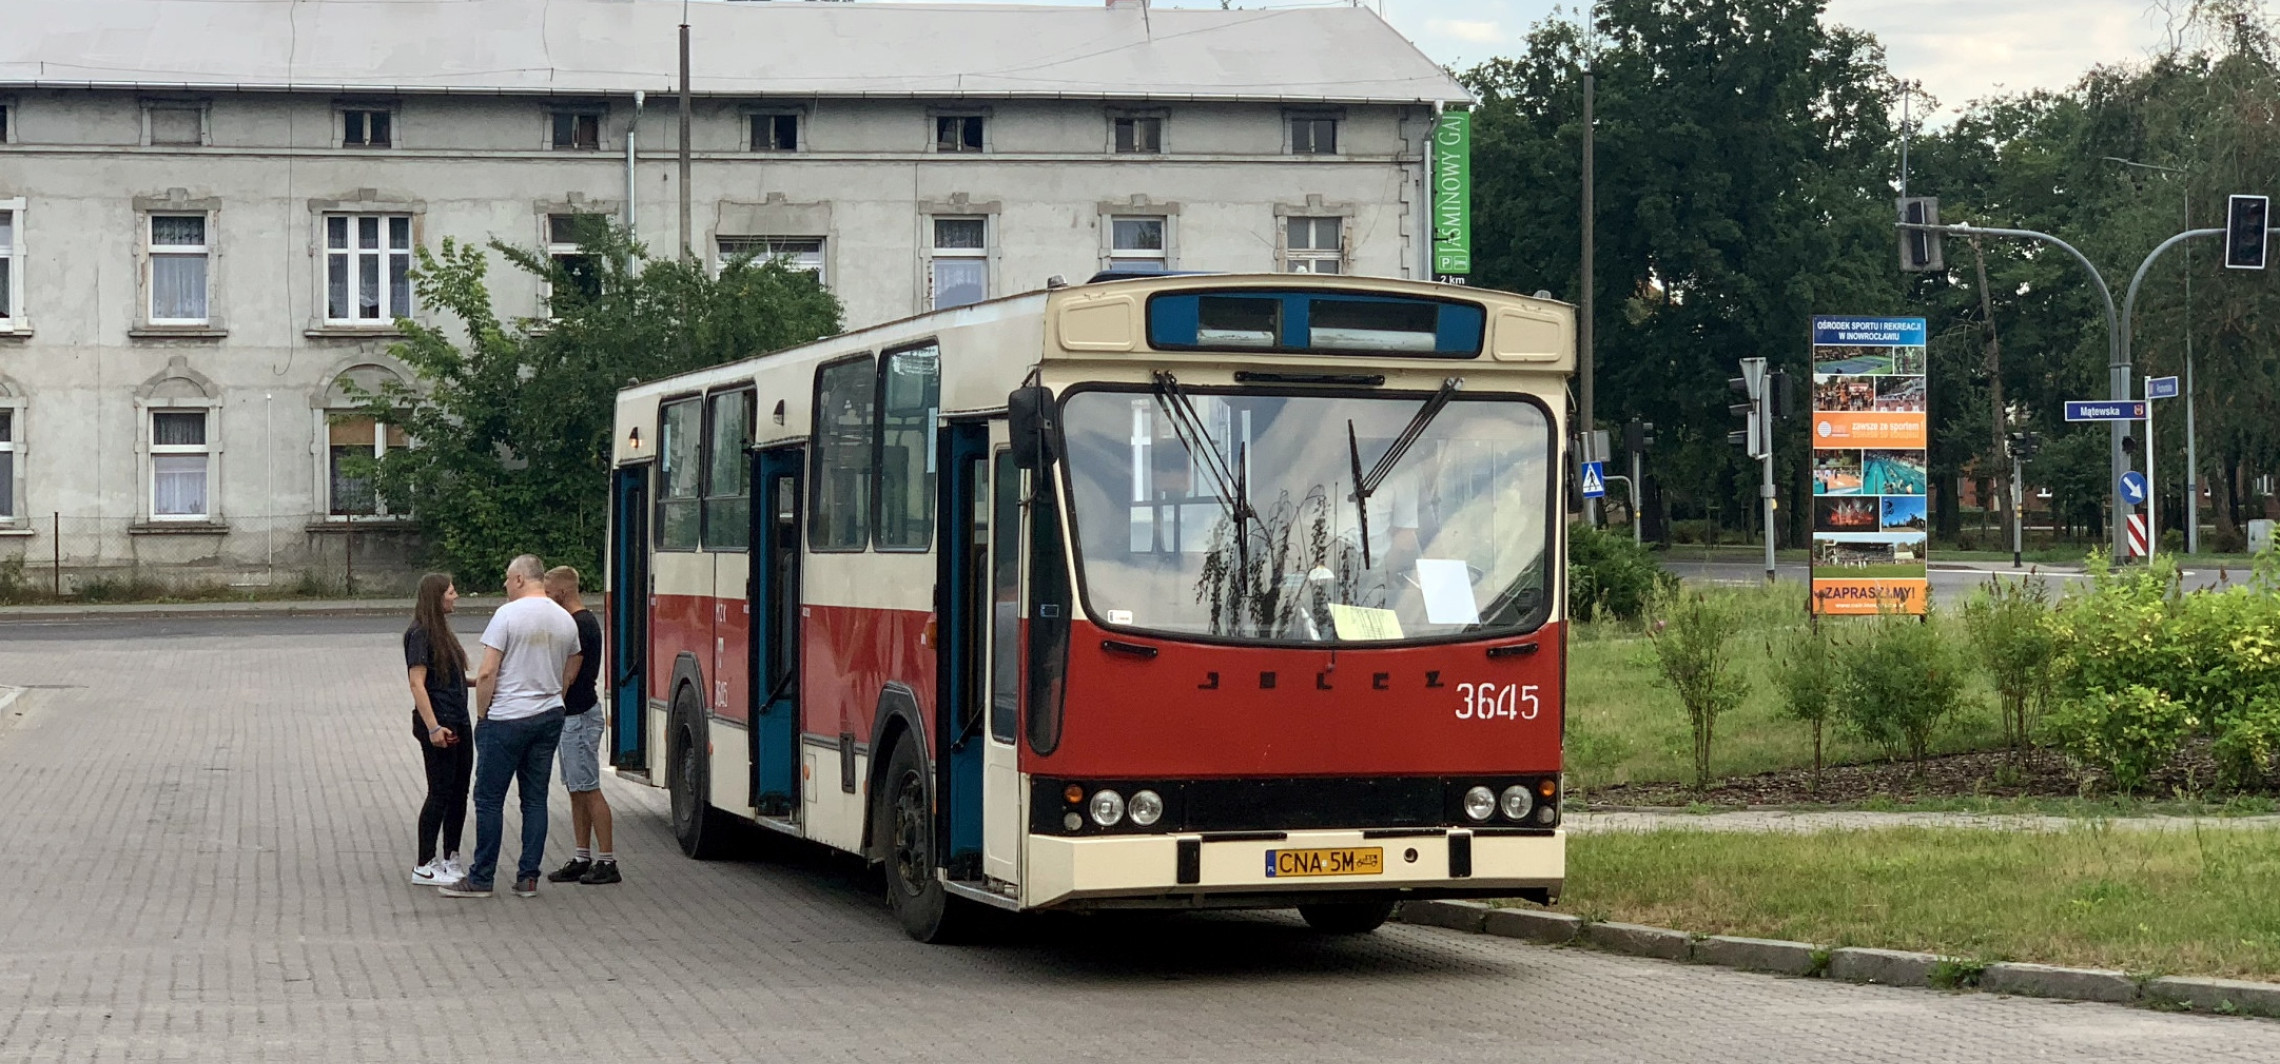 Inowrocław - Zabytkowy autobus zawitał do Inowrocławia